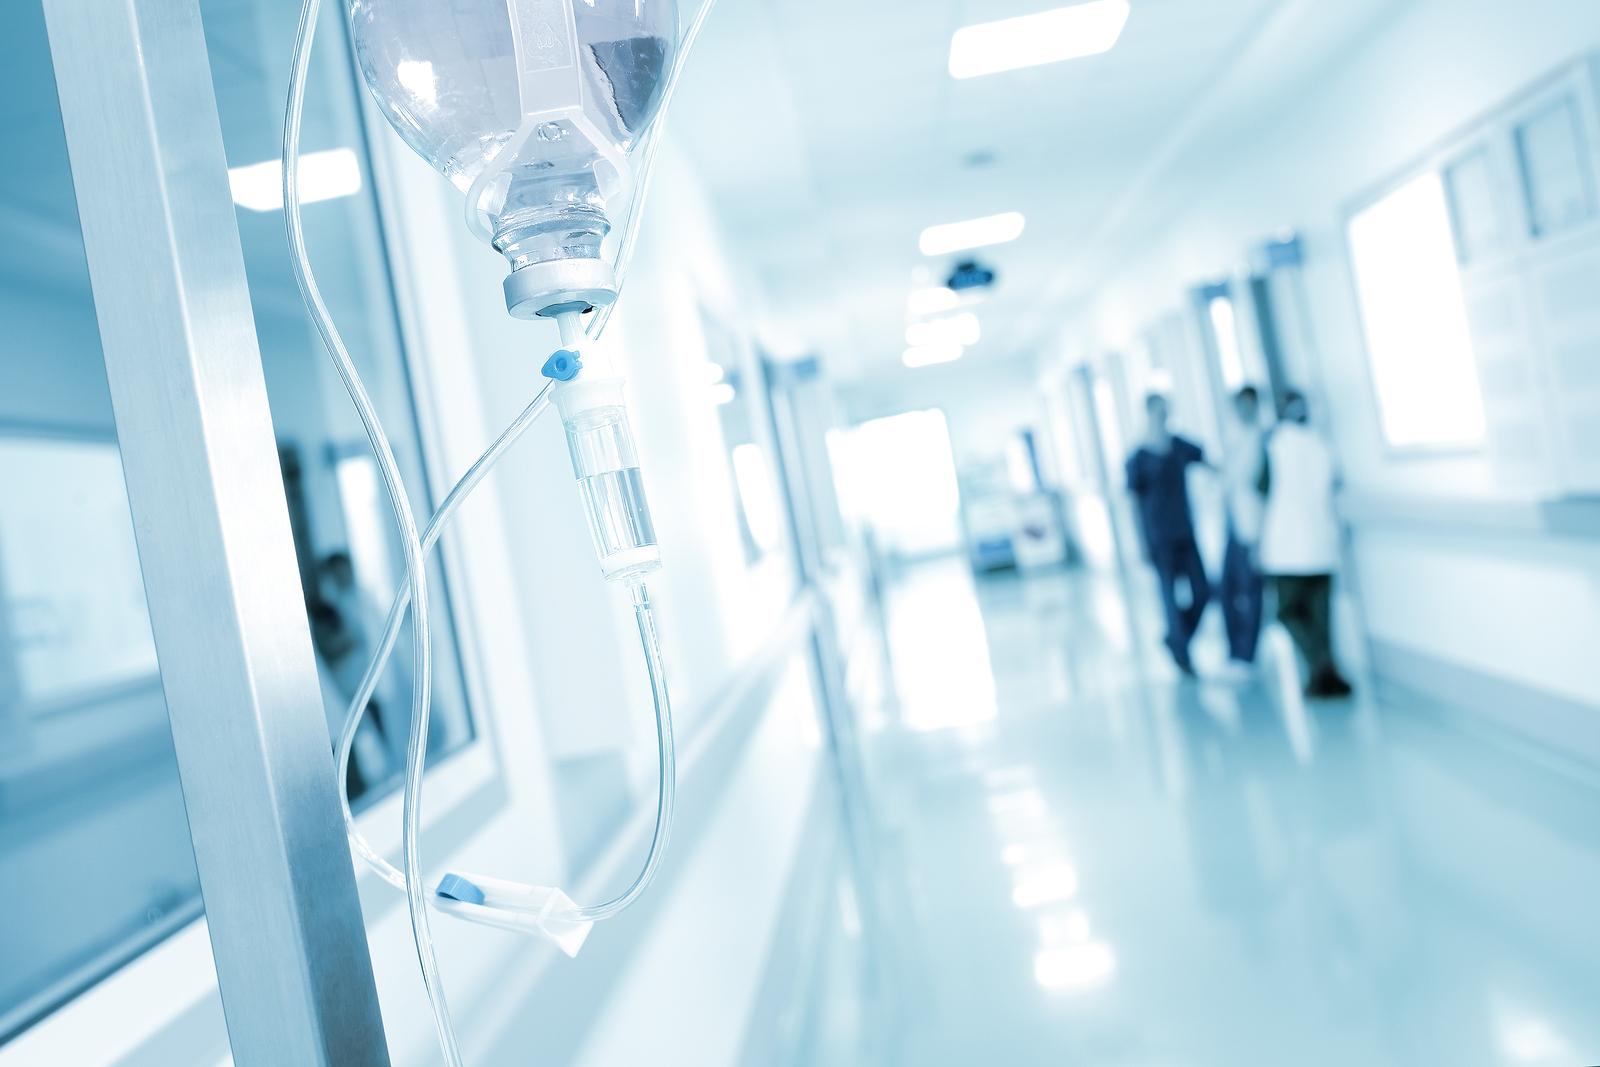 Wanneer word je met etalagebenen doorverwezen naar het ziekenhuis?